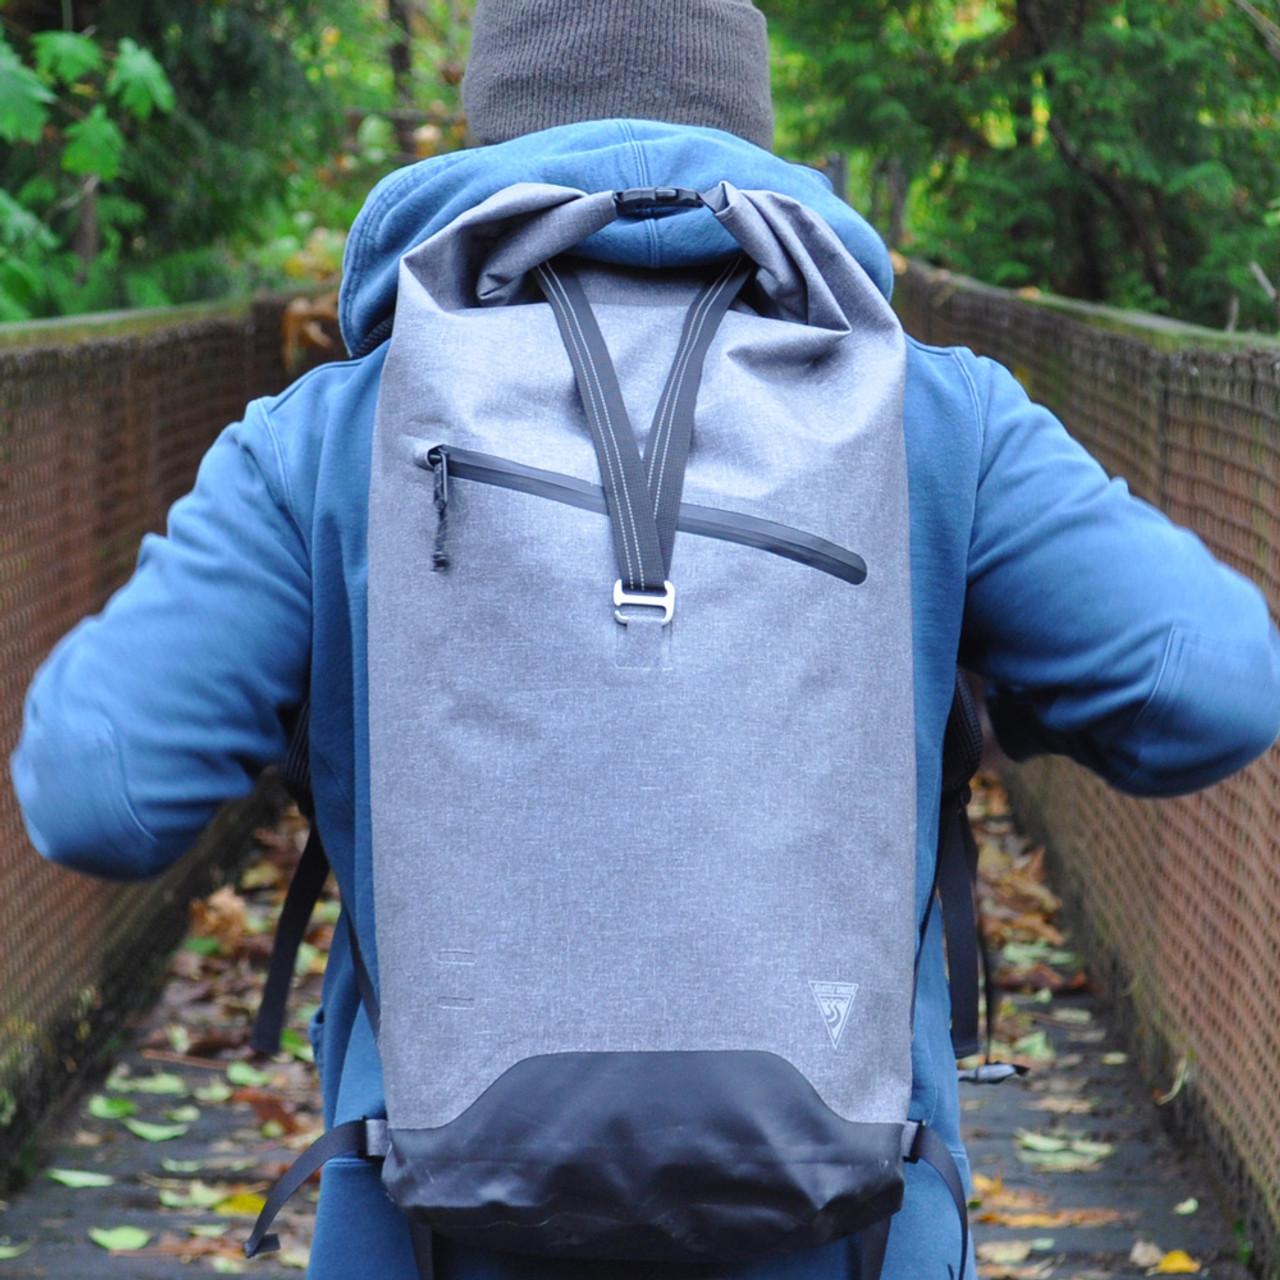 best waterproof backpack for hiking biking camping